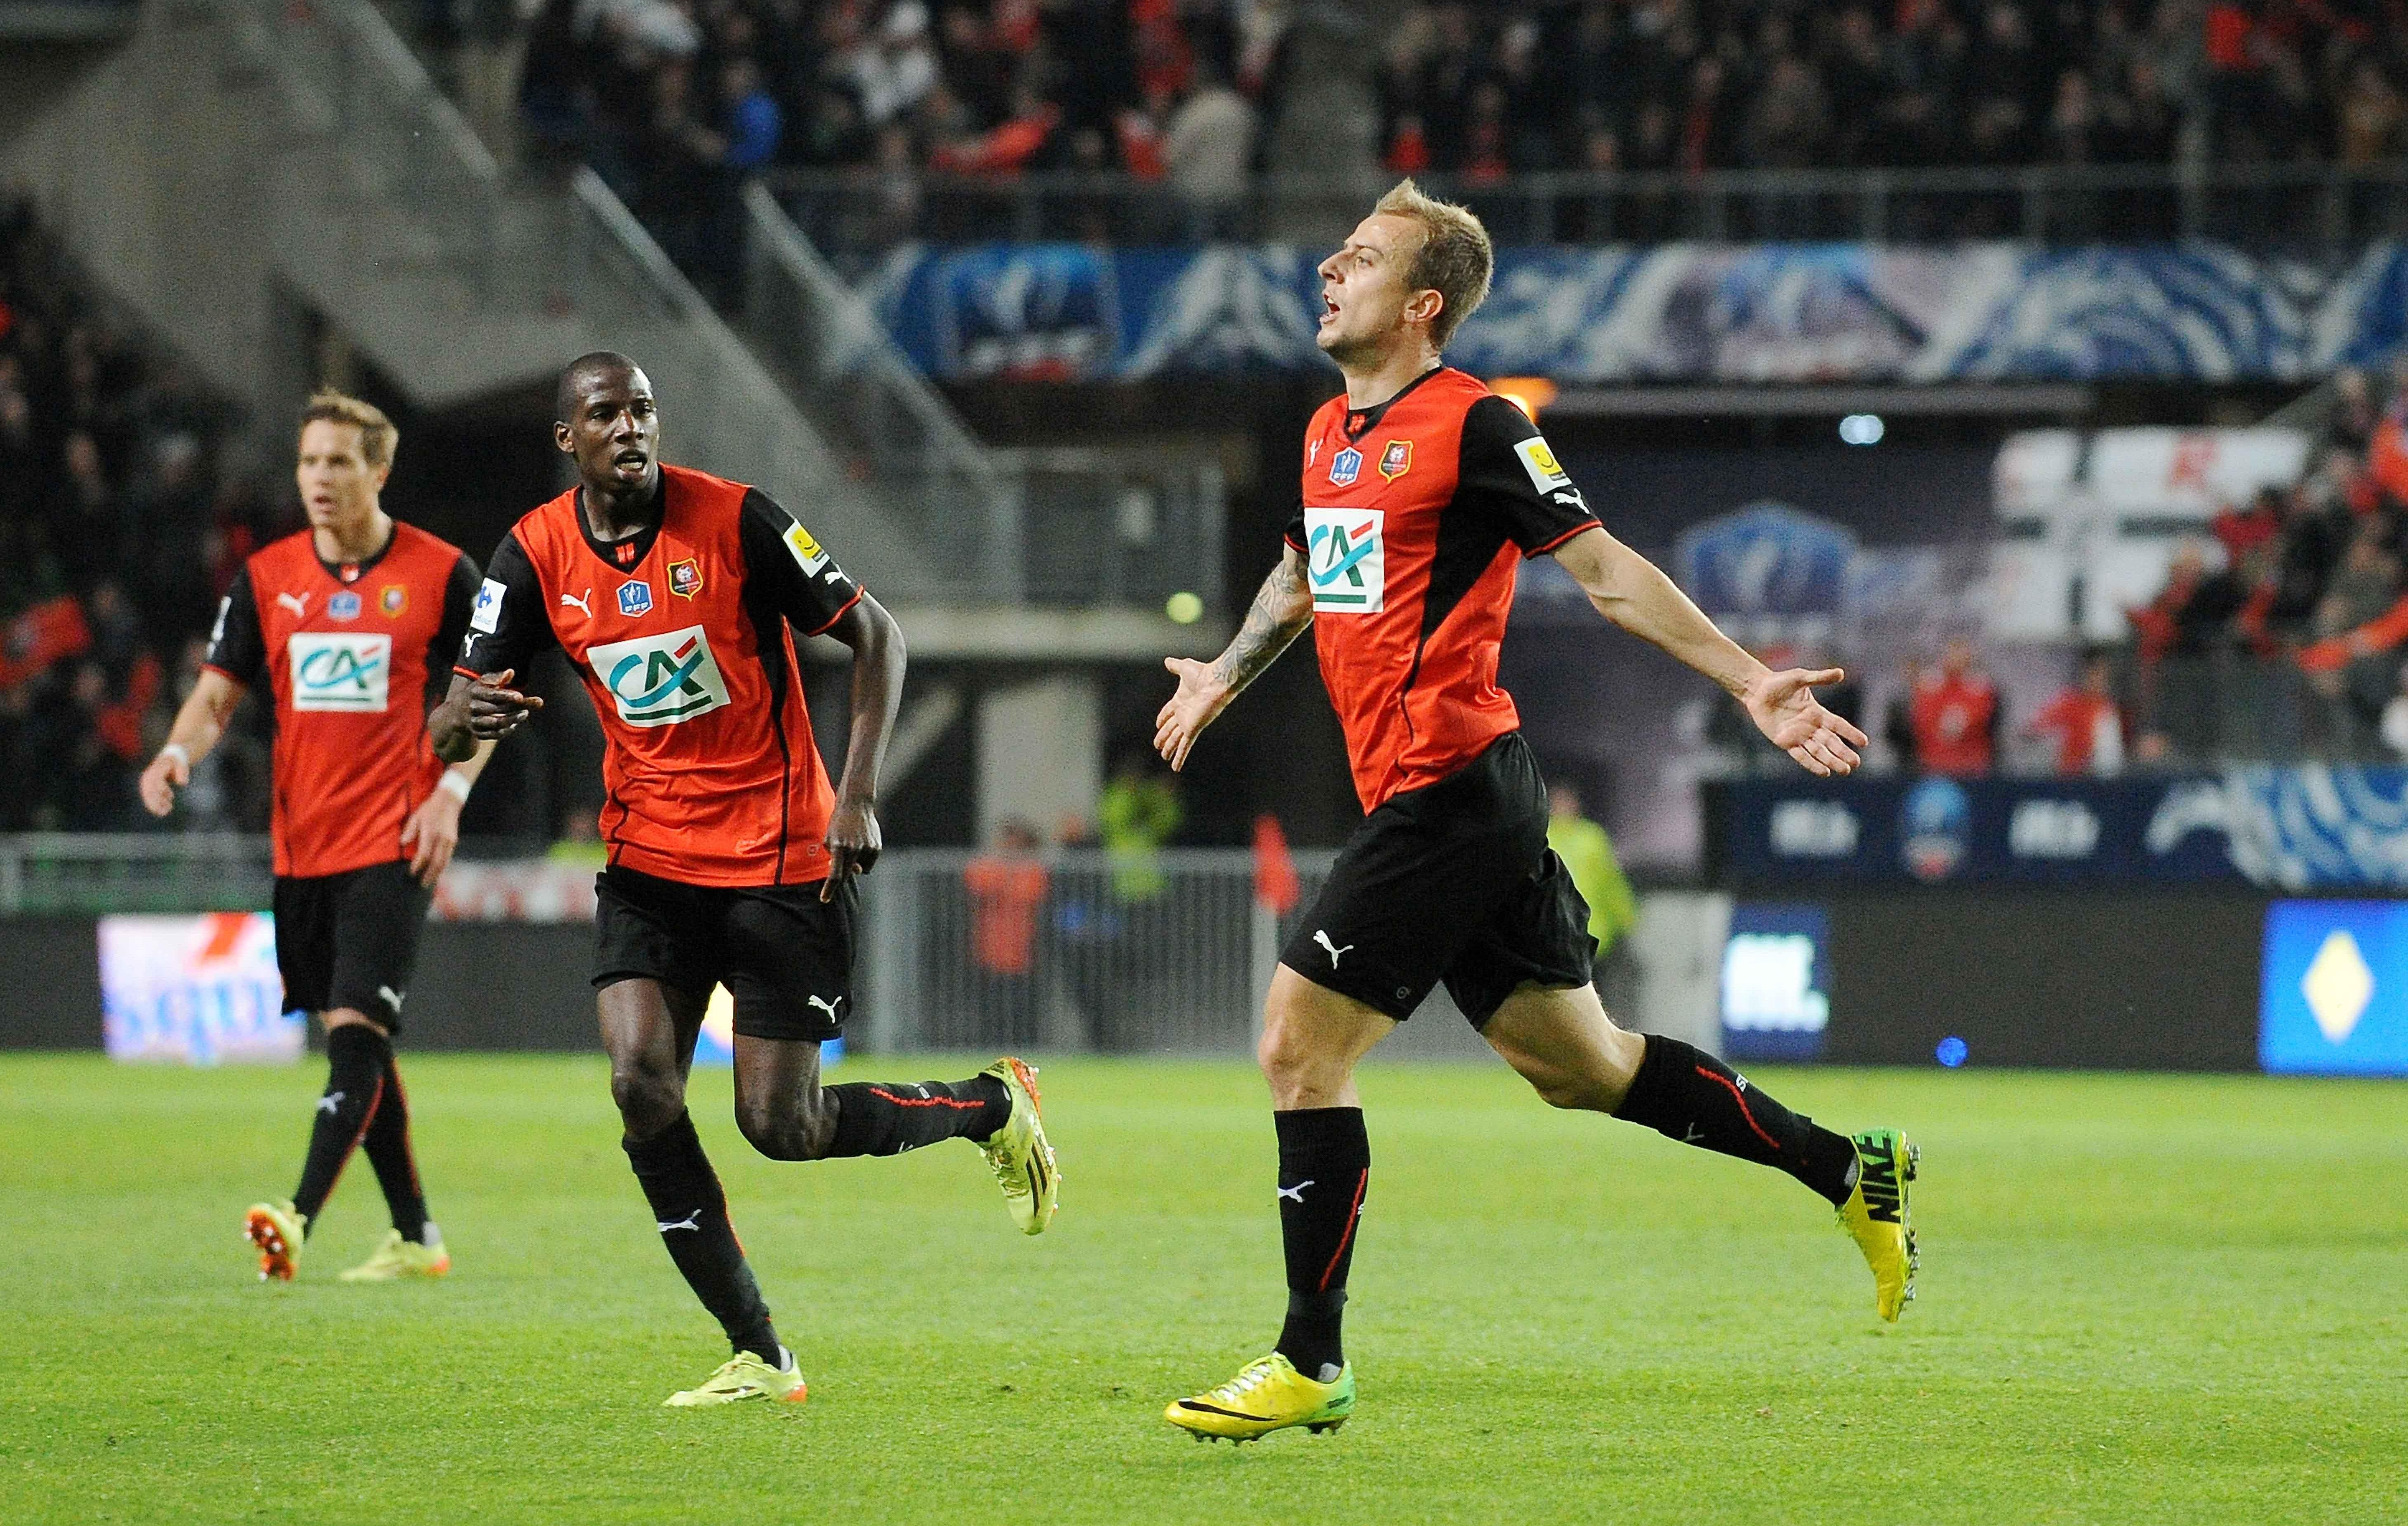 Rennes ira au stade de france coupe de france football - Football coupe de france ...